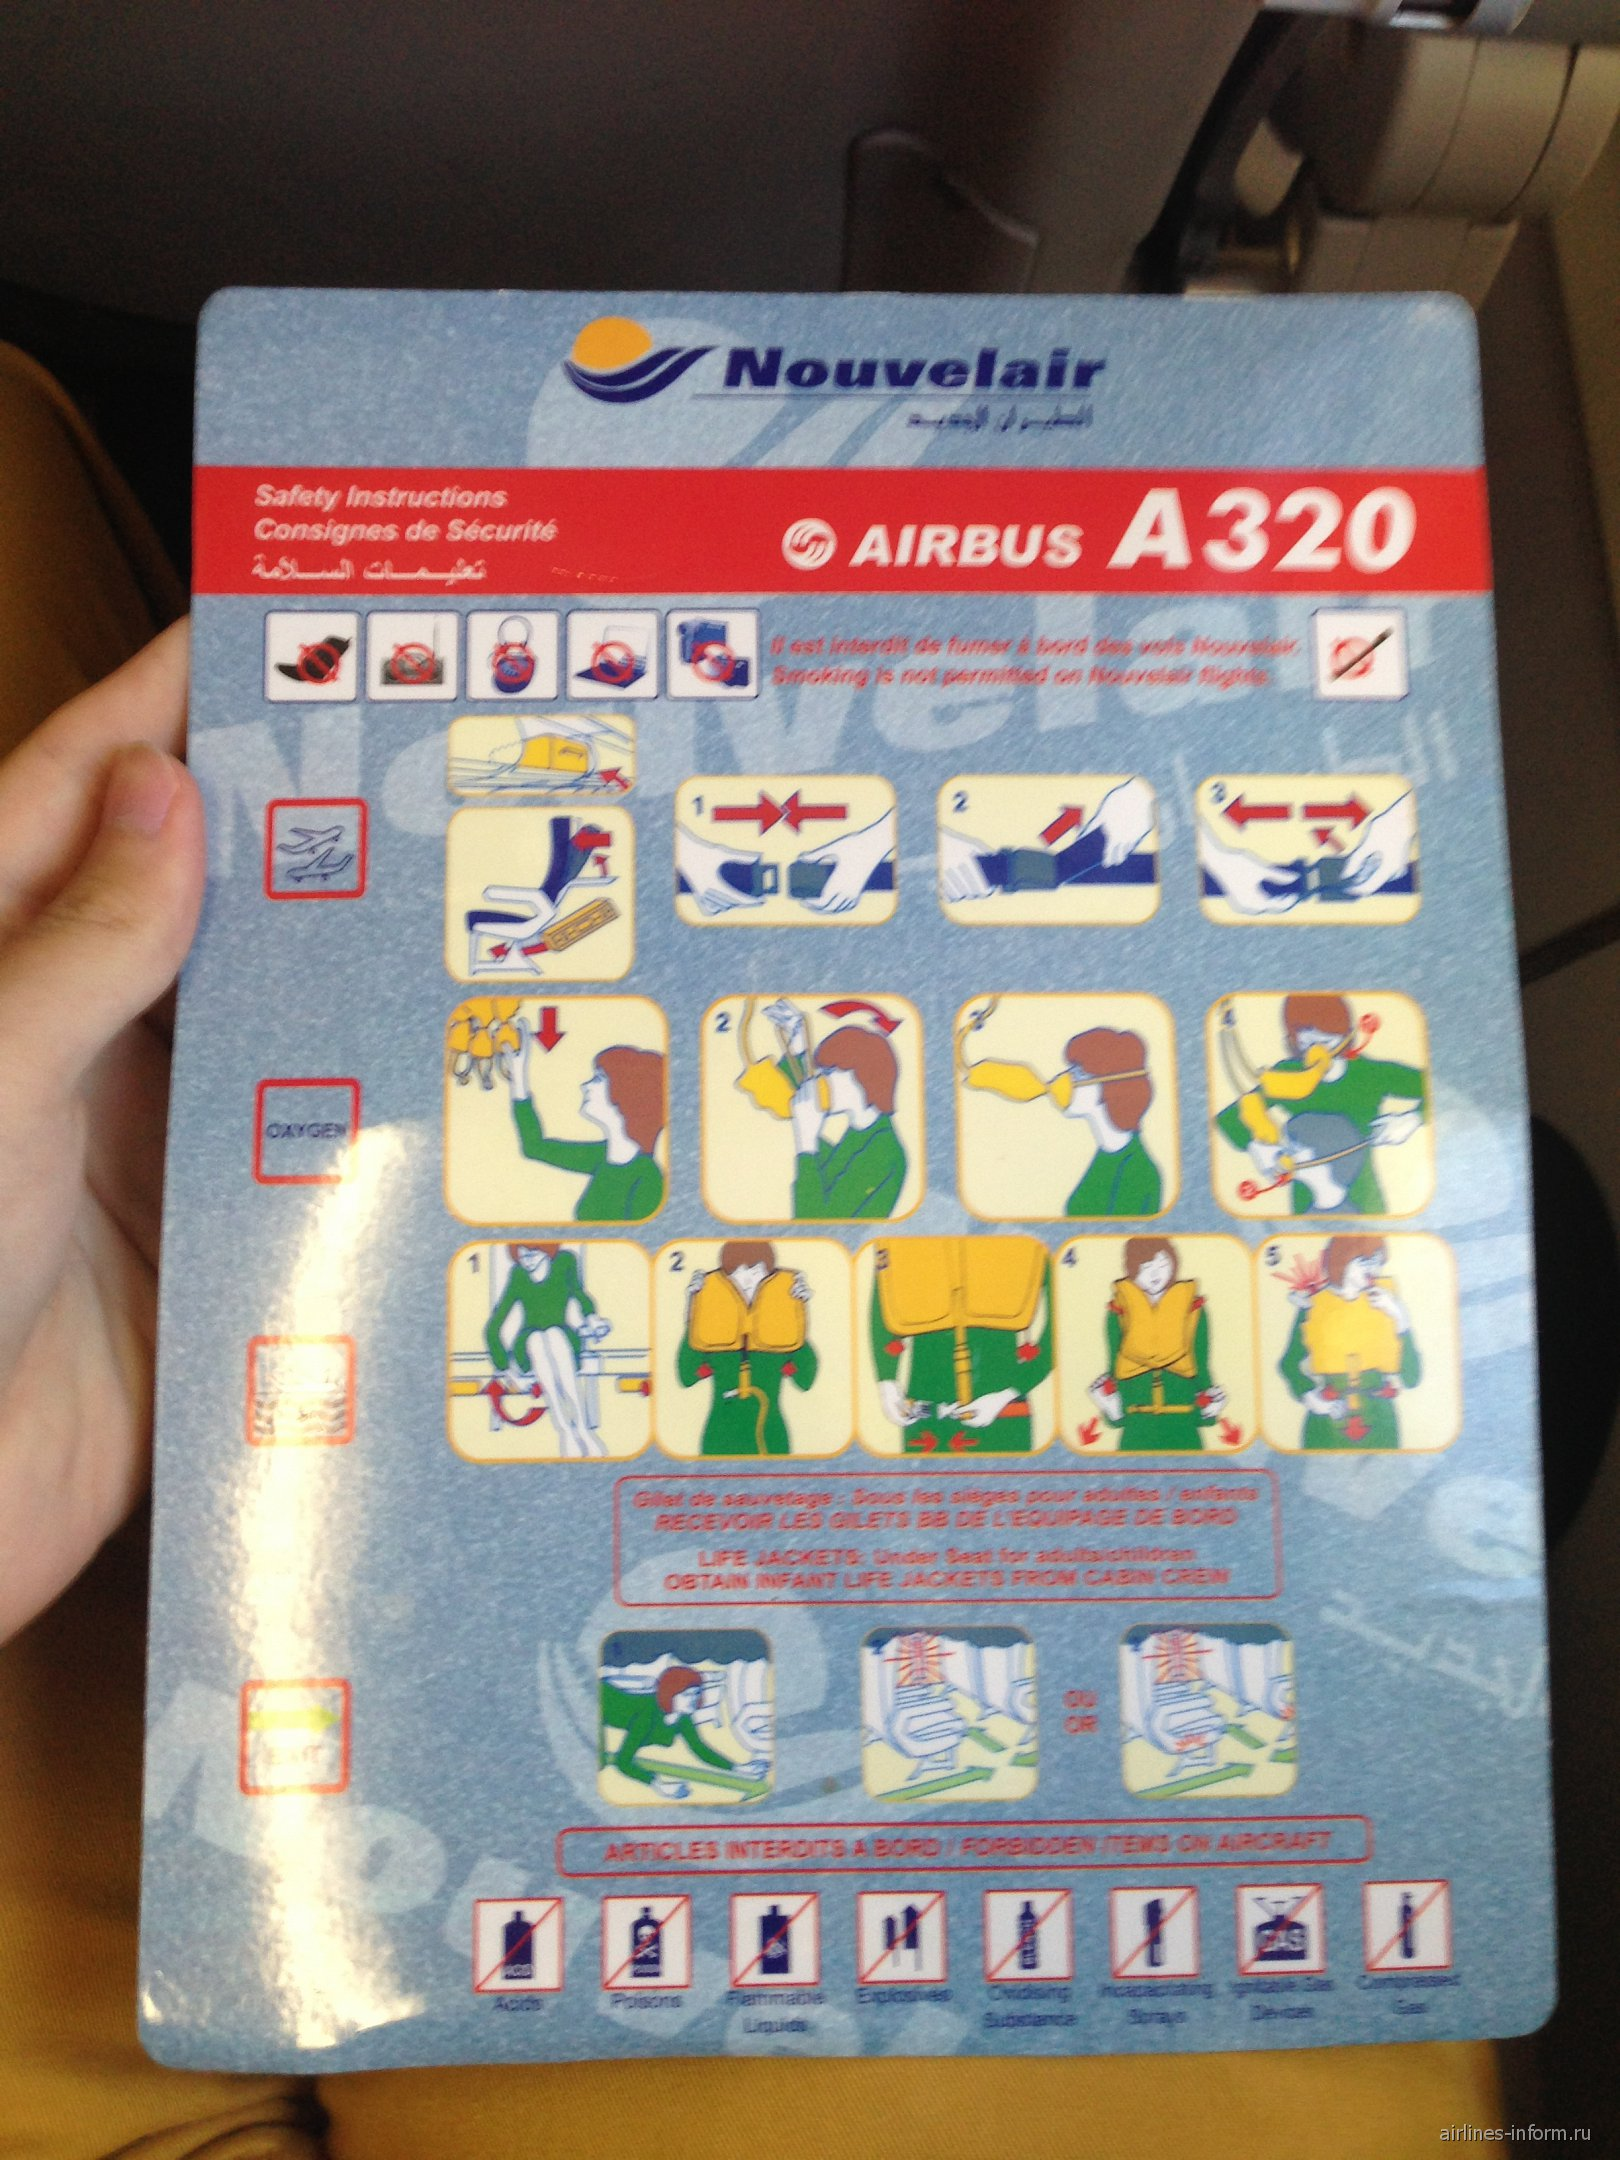 Инструкция по безопасности Airbus A320 авиакомпании Nouvelair